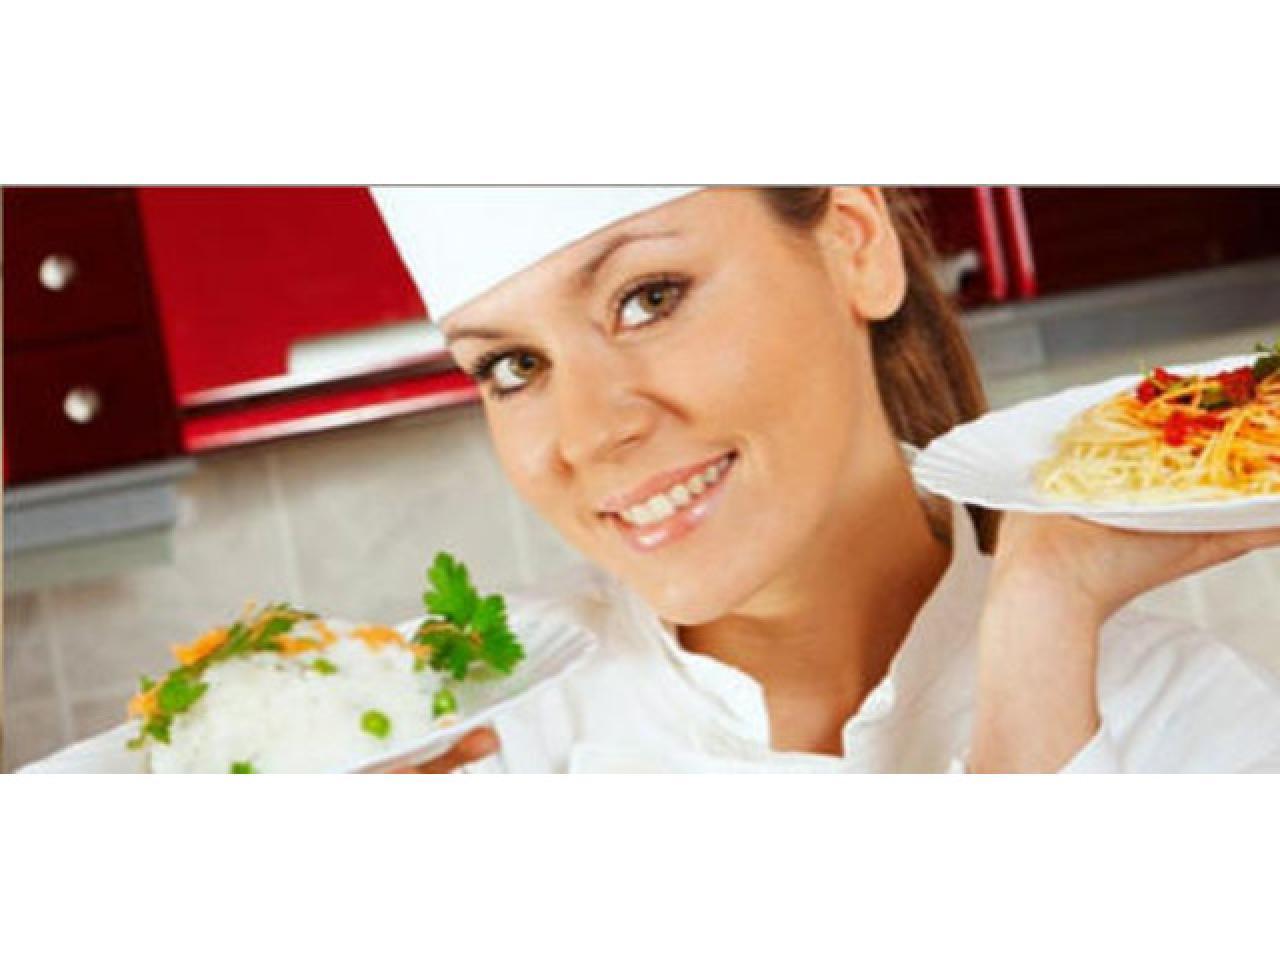 Ищем повара без проживания 2600 фунтов в месяц - 1